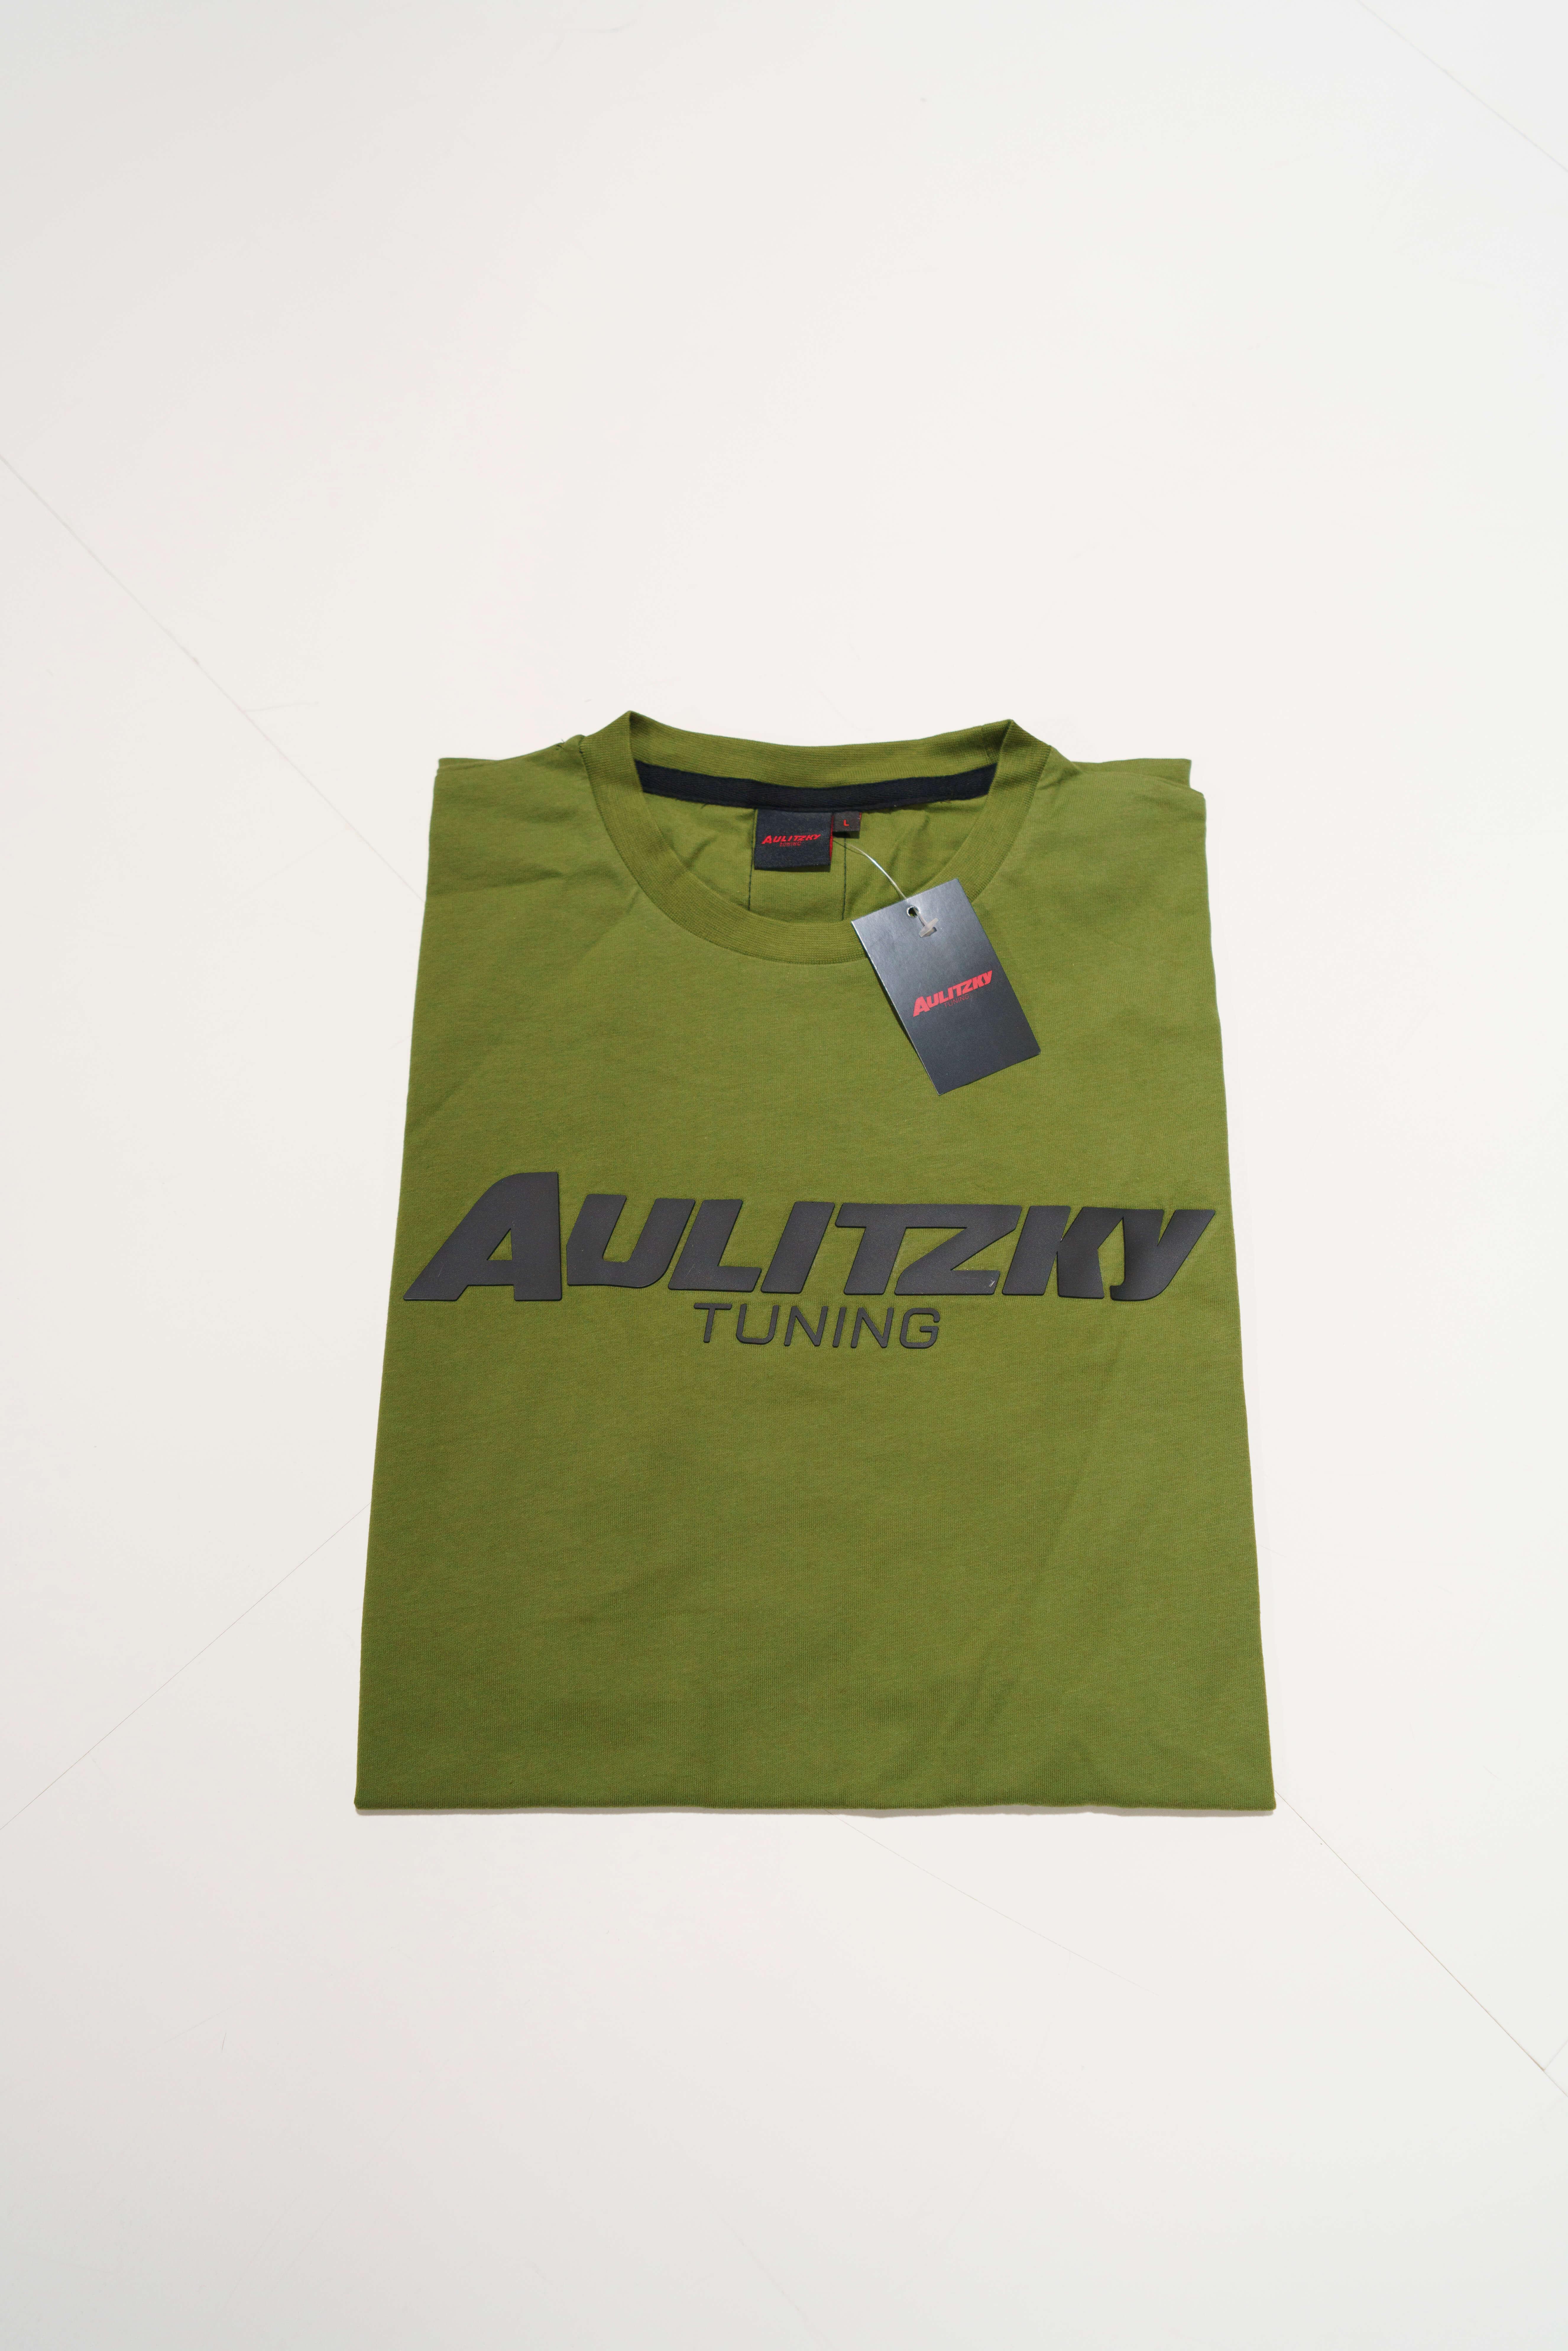 Aulitzky Tuning T-Shirt olivgrün mit Gummi-Badge